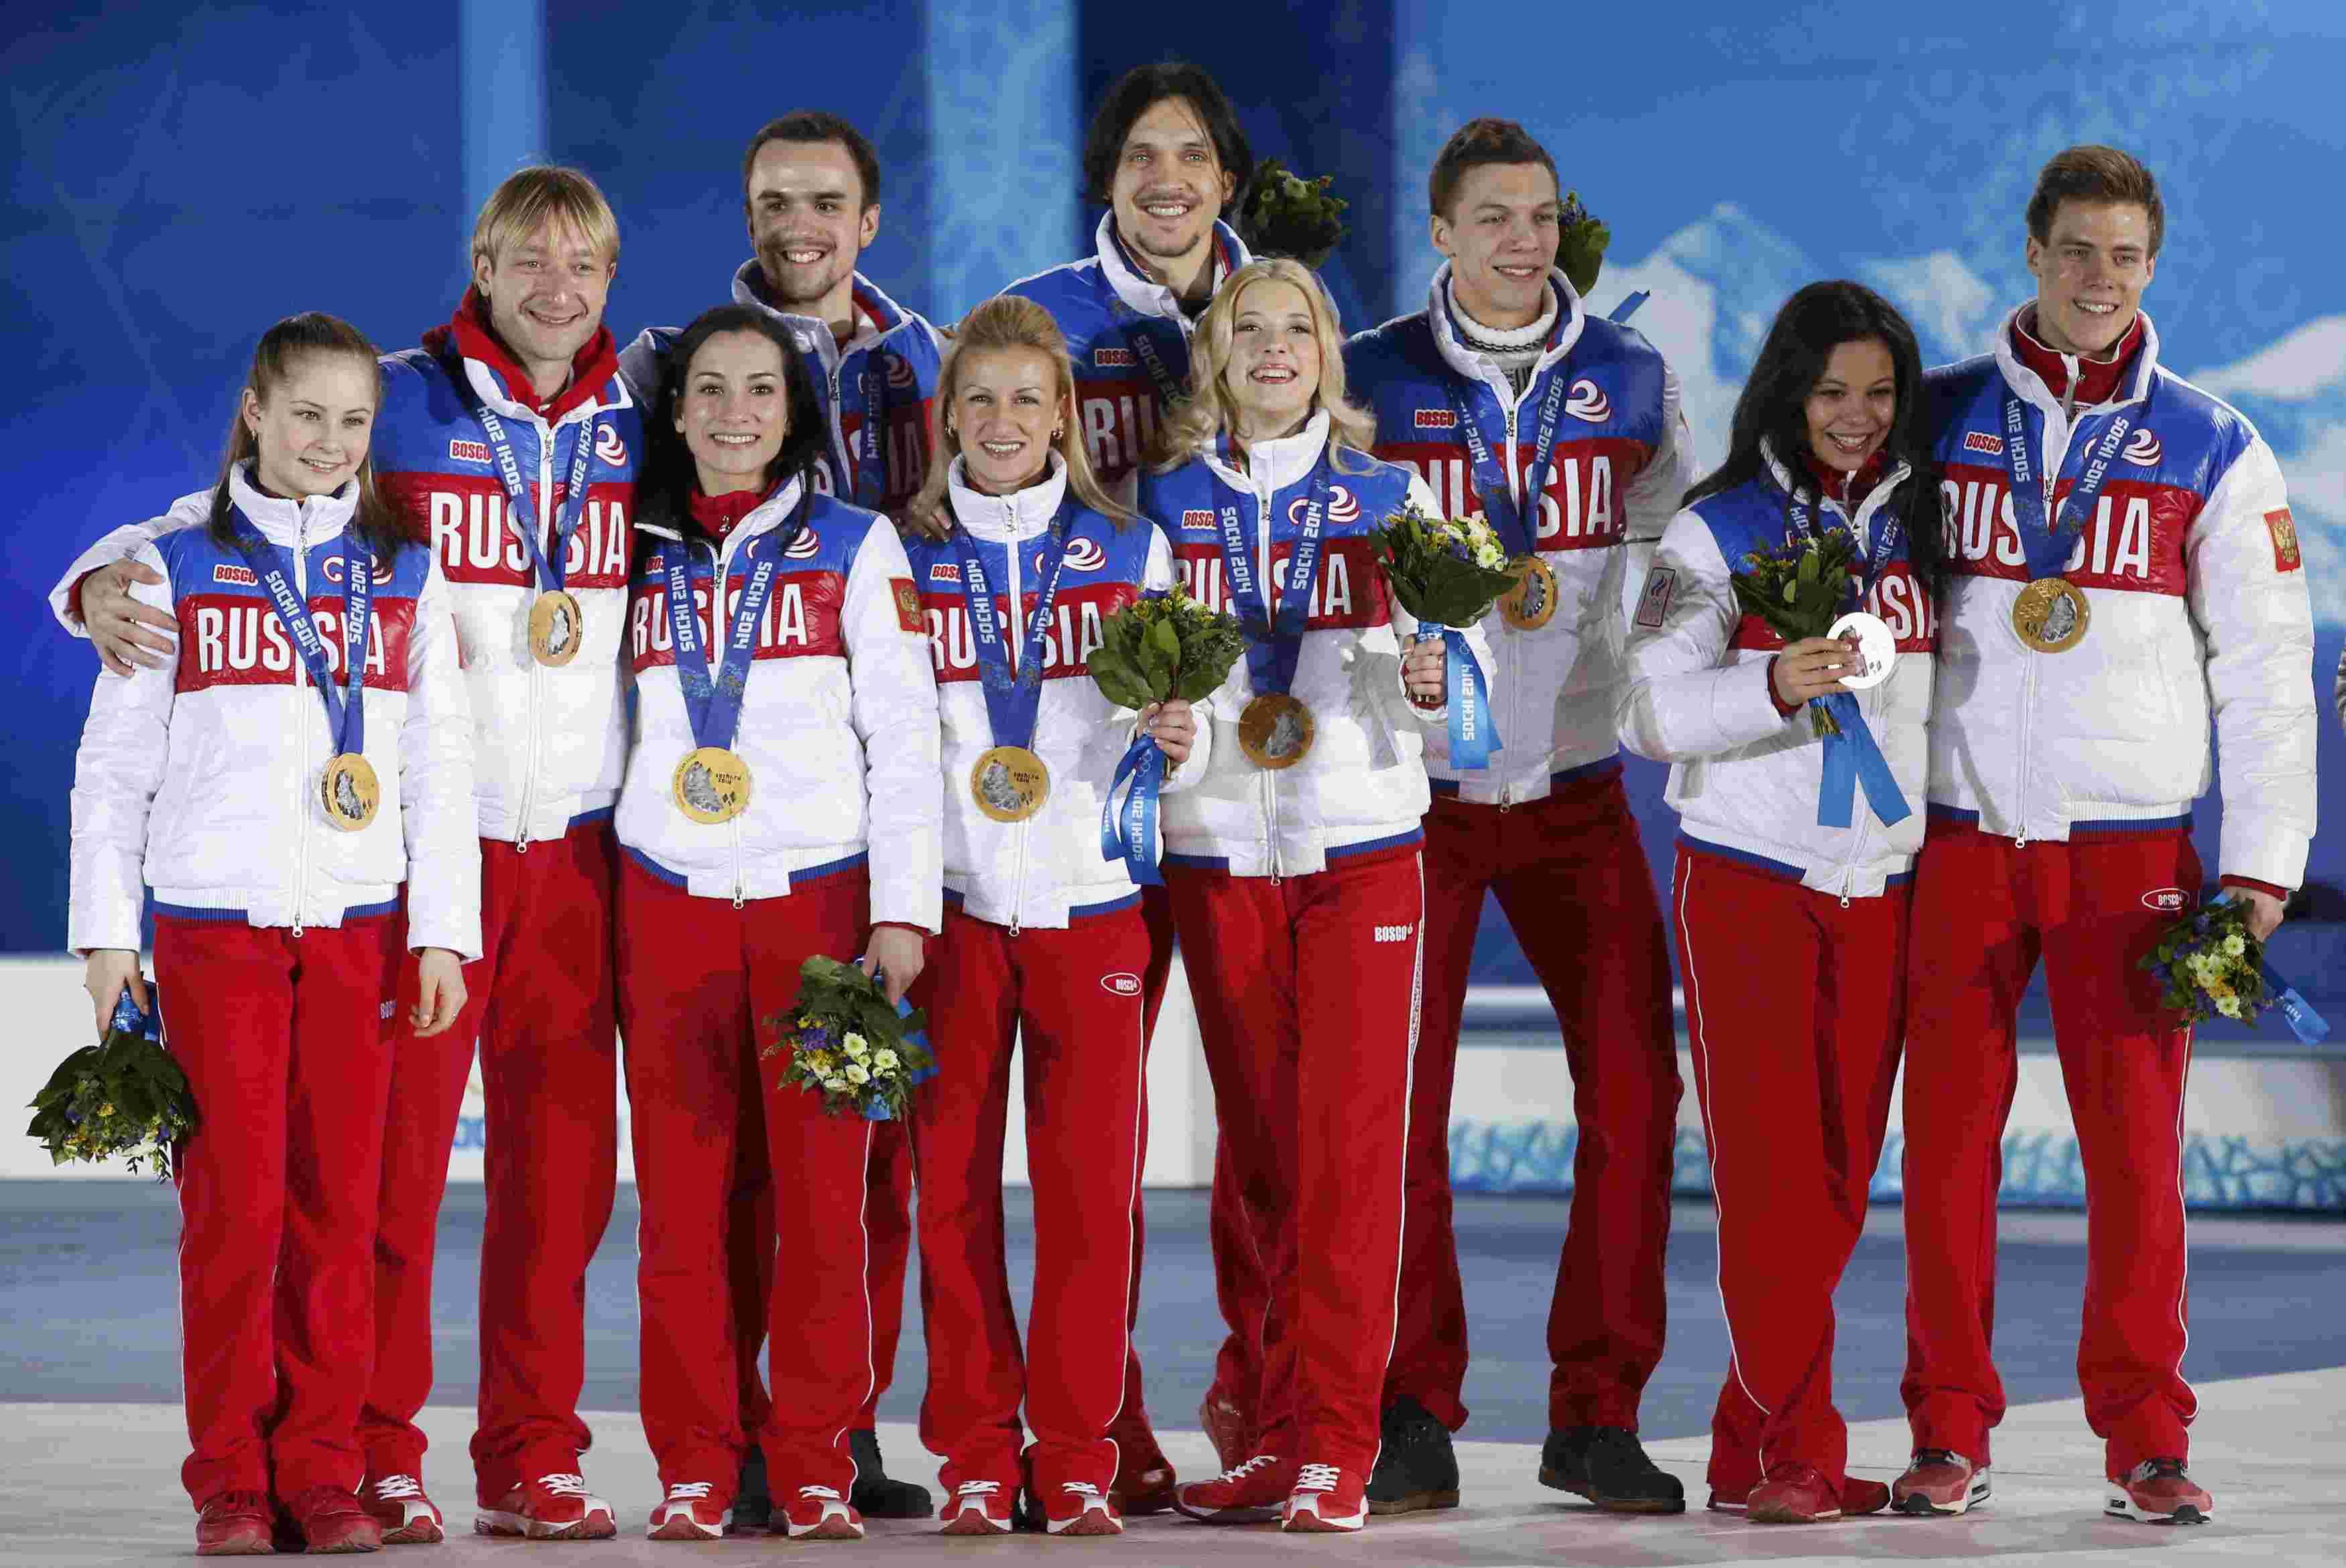 http://ss.sport-express.ru/userfiles/press/imagesinsidetext/41/41572/1.jpg